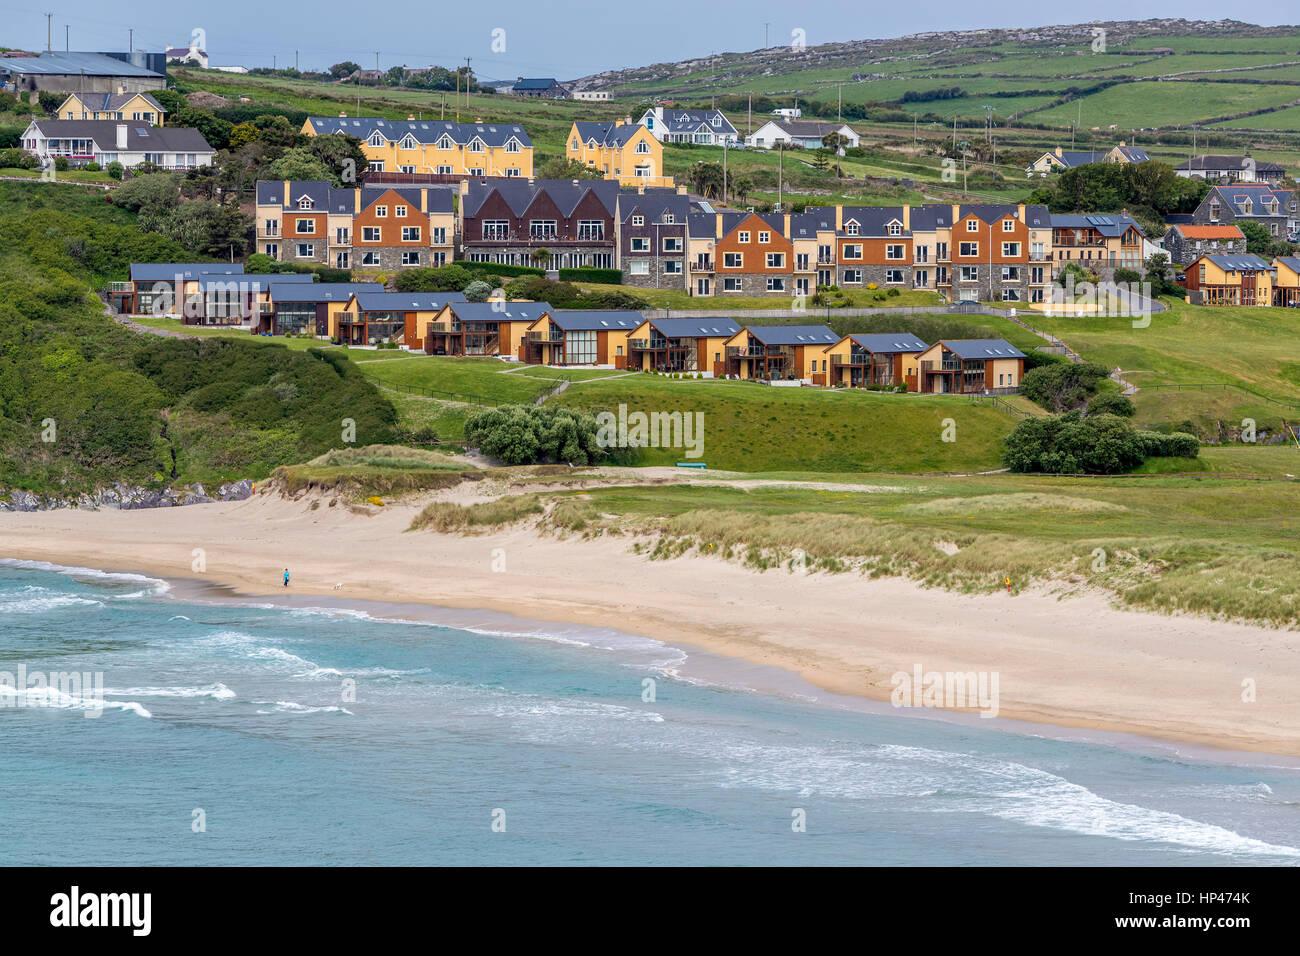 Barleycove, West Cork, Wild Atlantic Way, South Western Ireland, Europe. - Stock Image